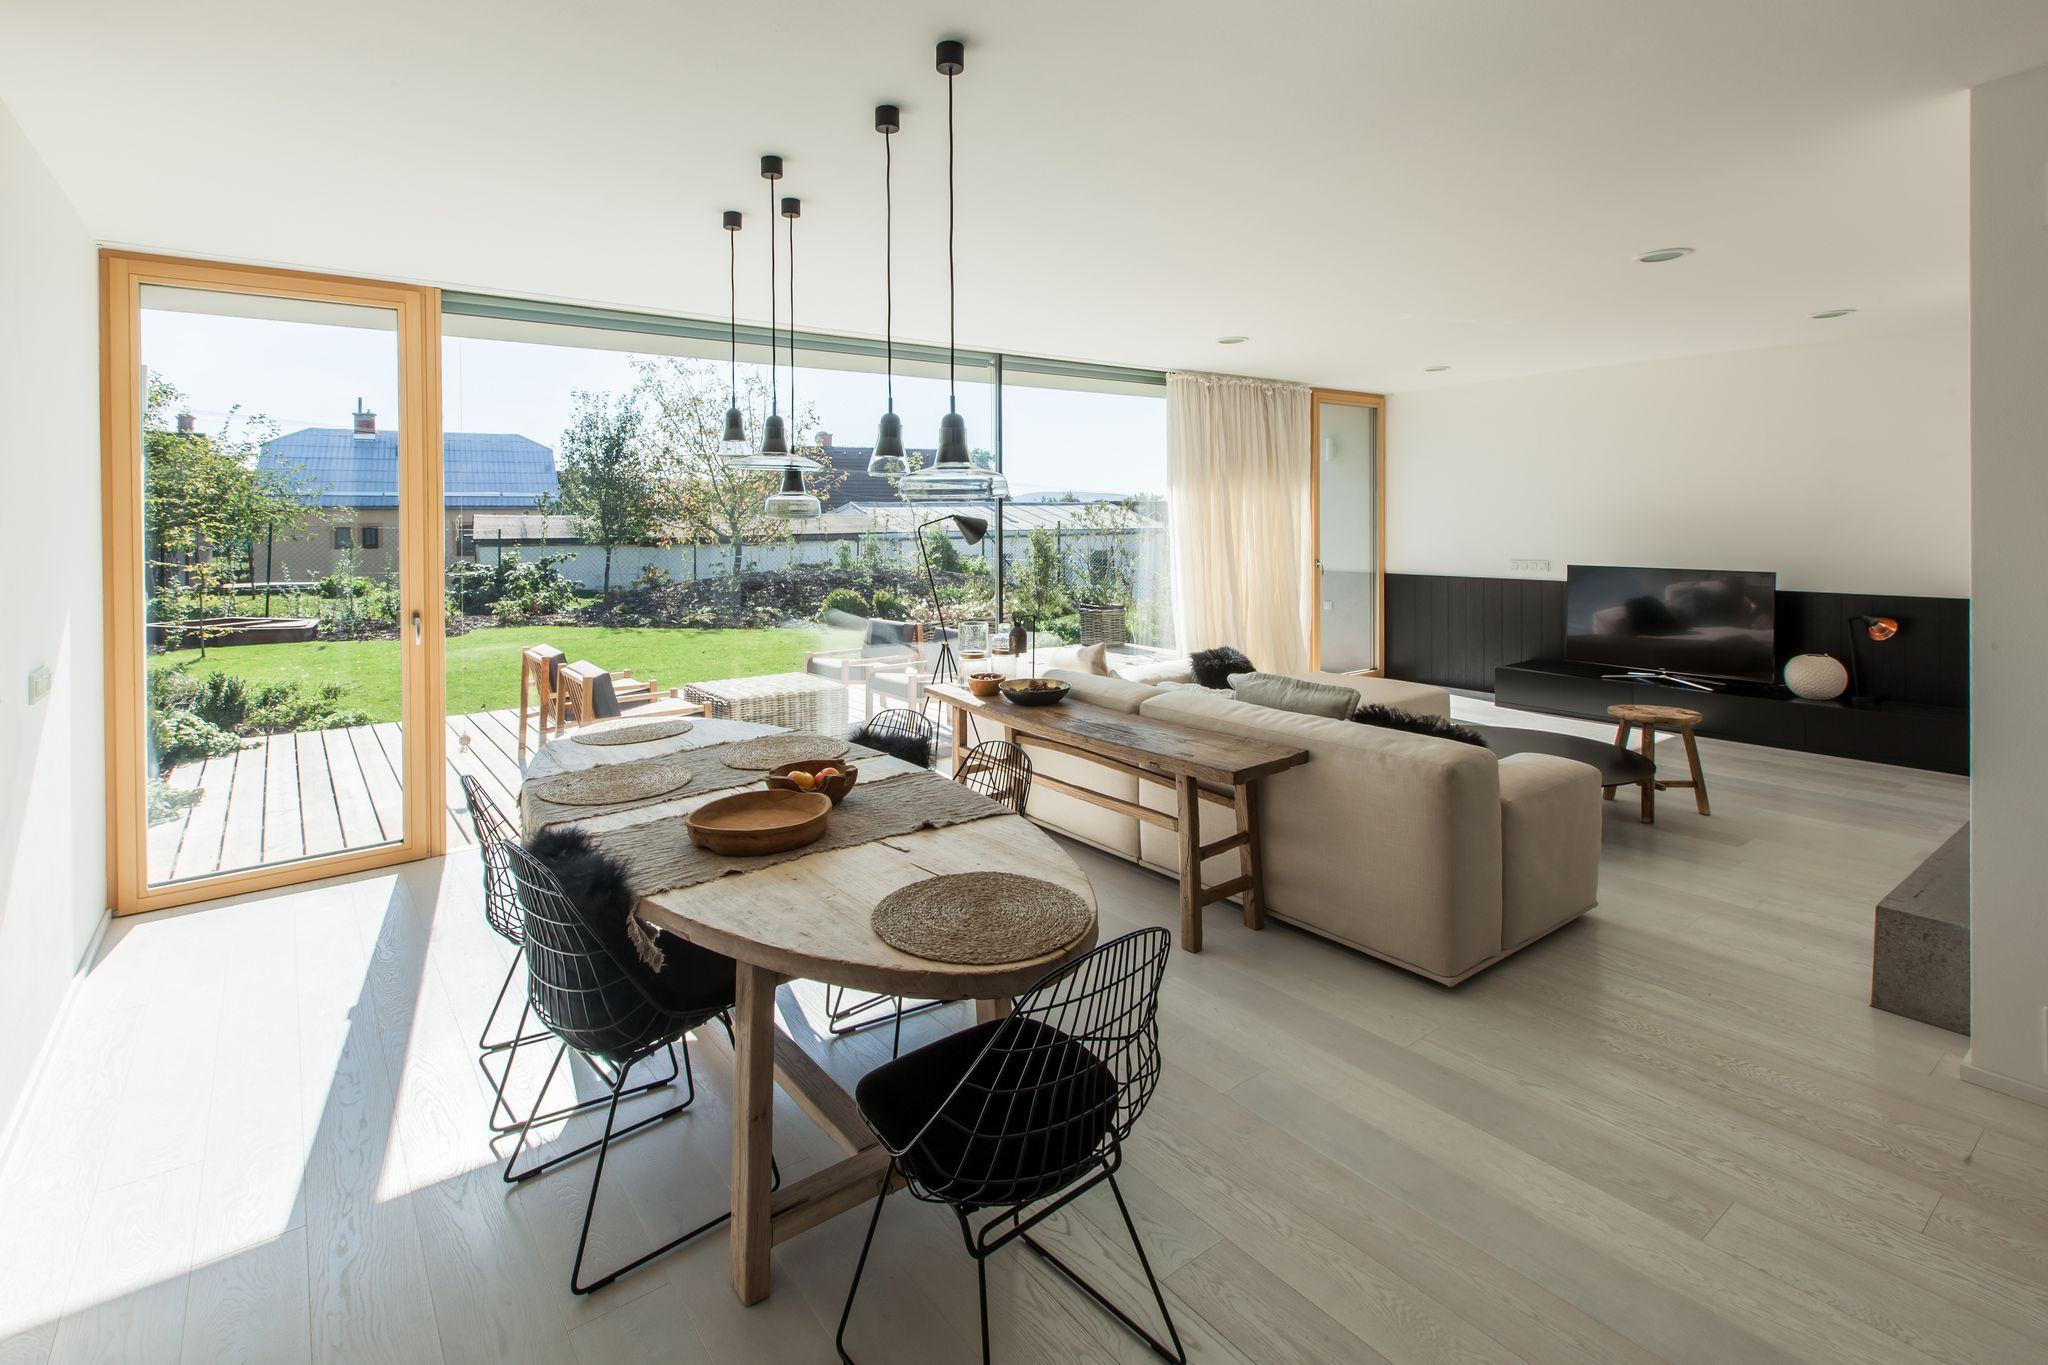 Home Design Zlín Part - 28: Rodinný D?m Zlín, Kostelec / Chladek Architekti